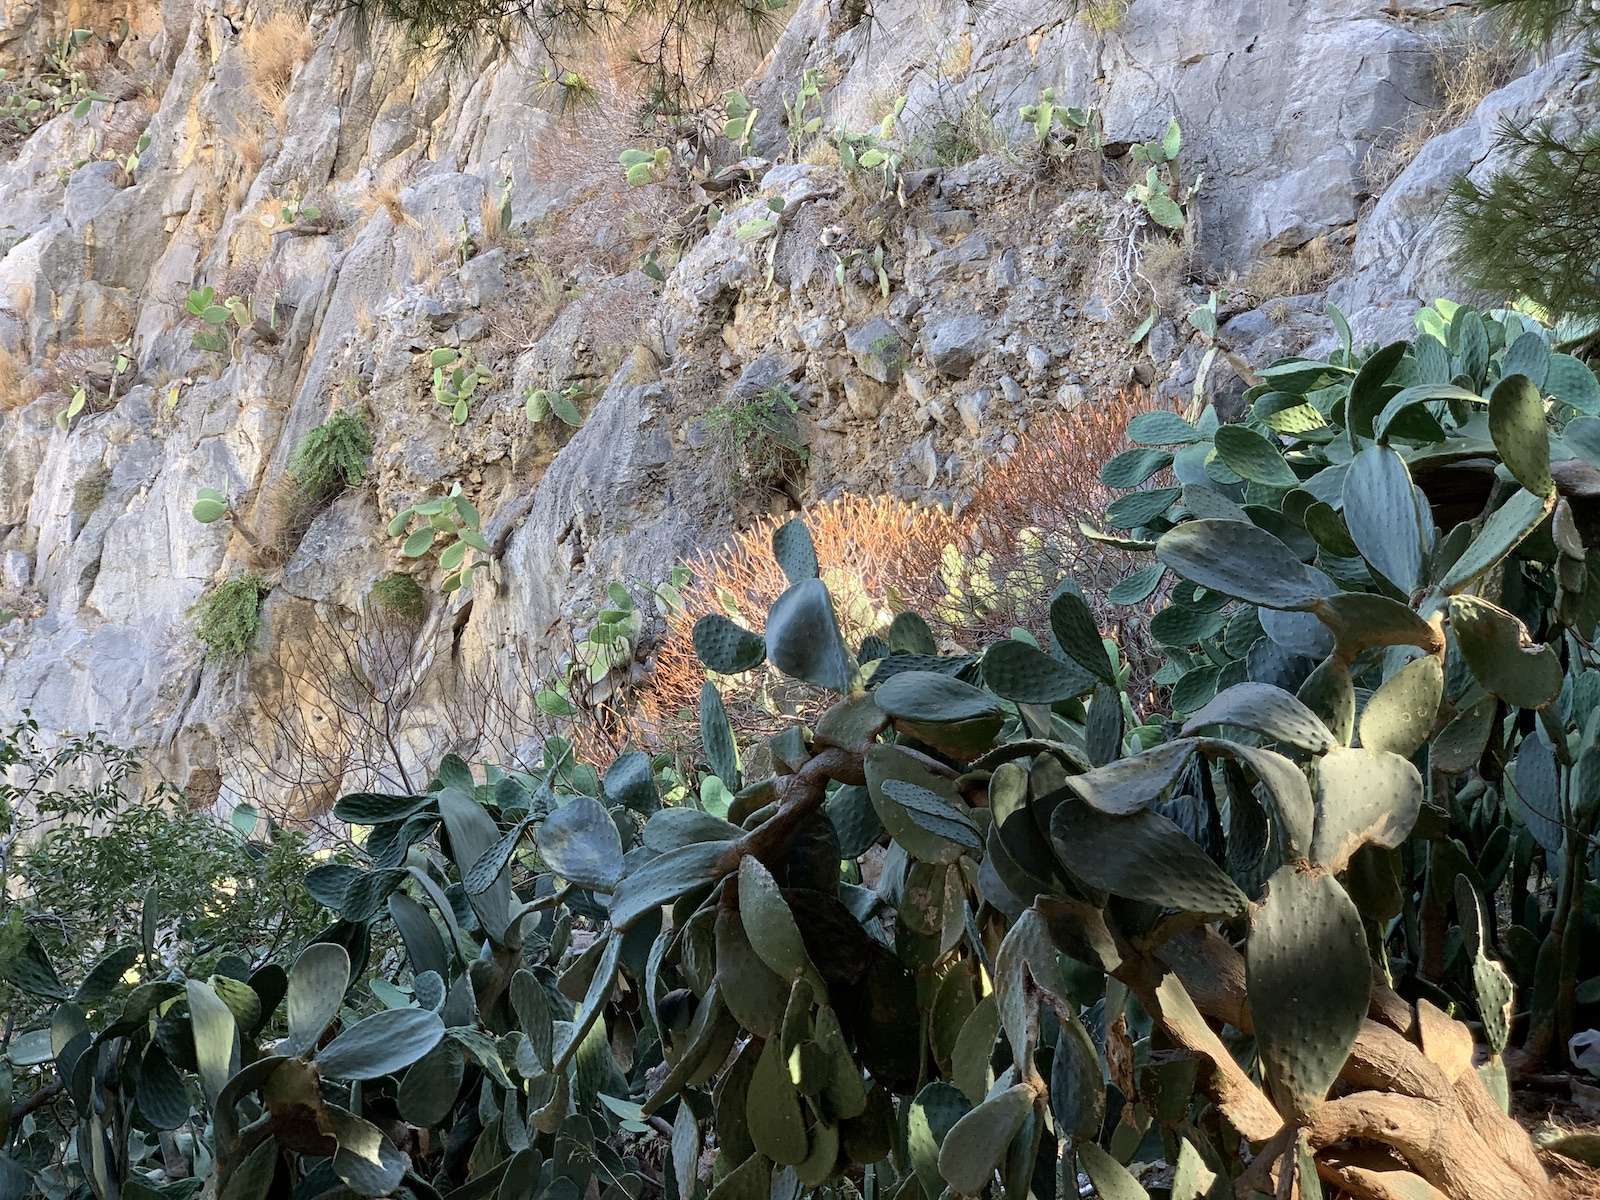 Kaktuszdzsindzsa a hegyre felfelé menet